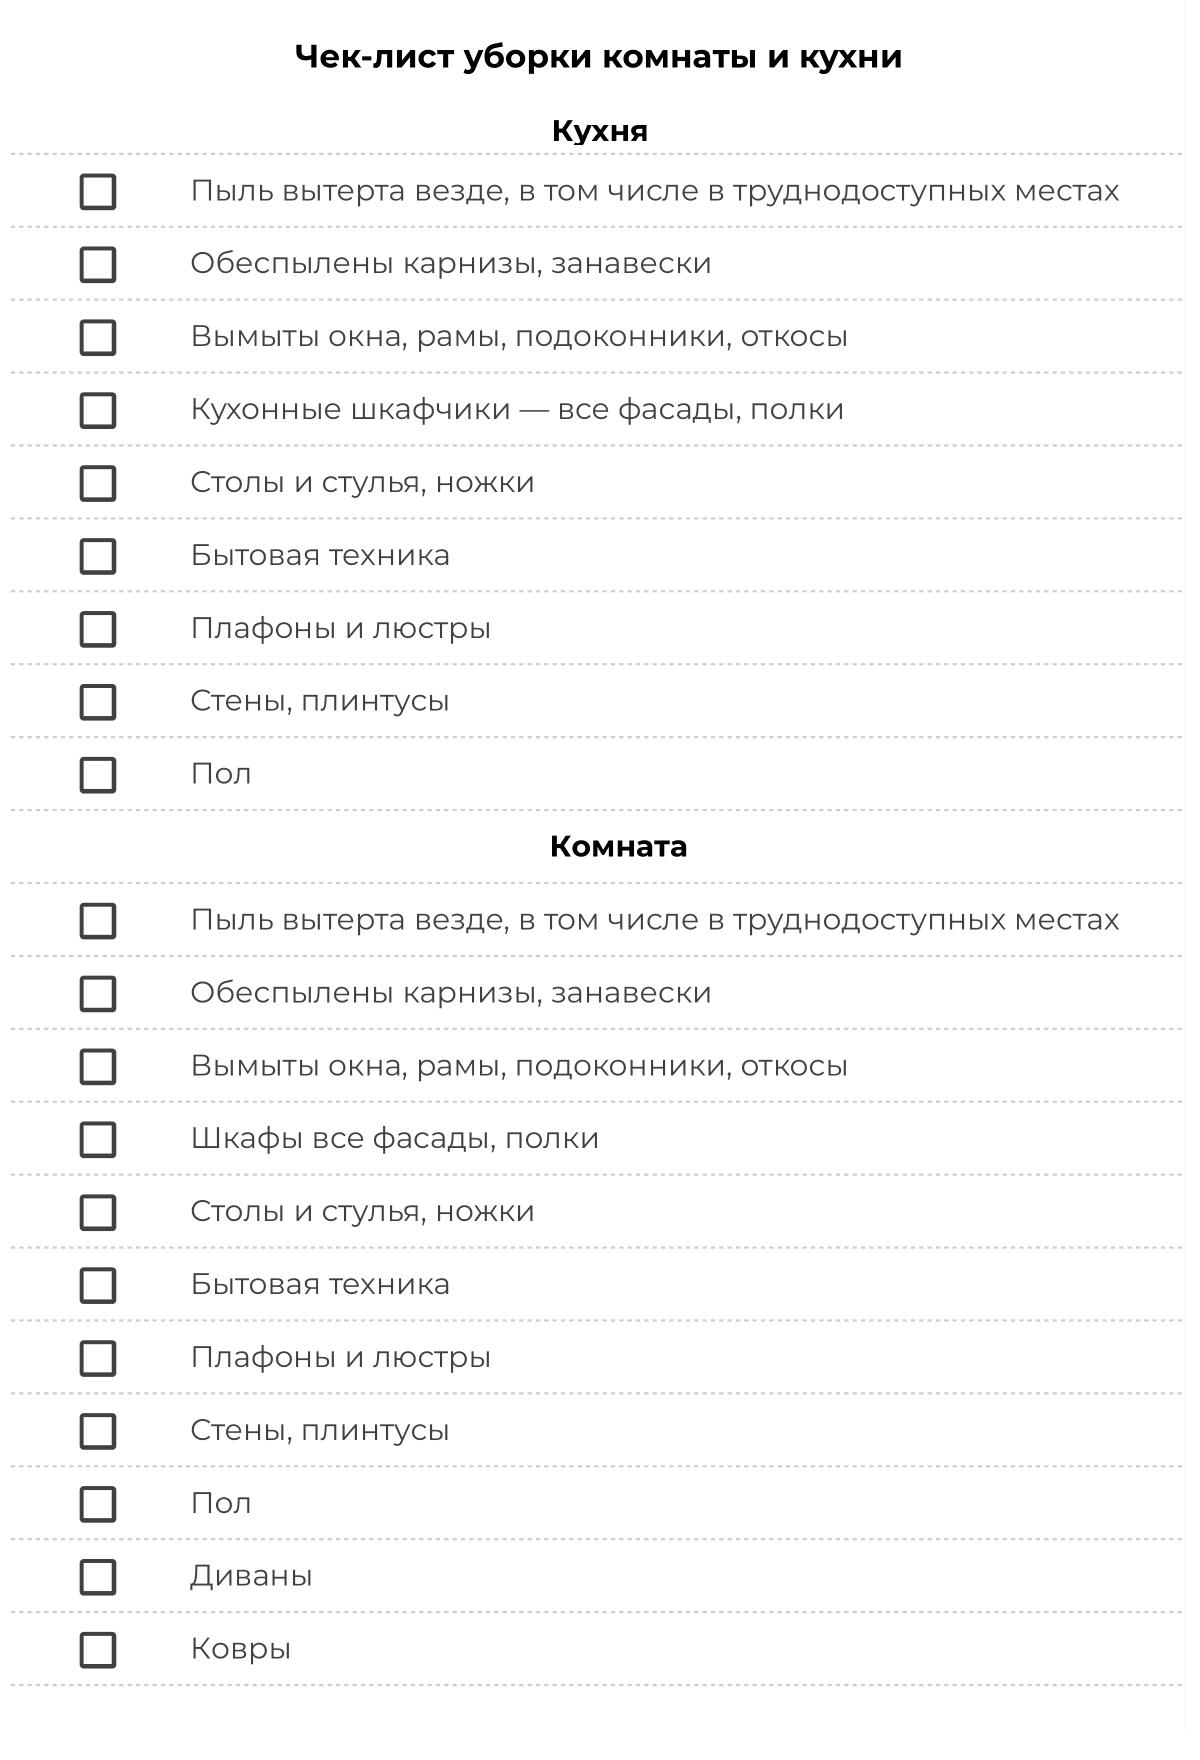 Чек-лист генеральной уборки длядвух помещений